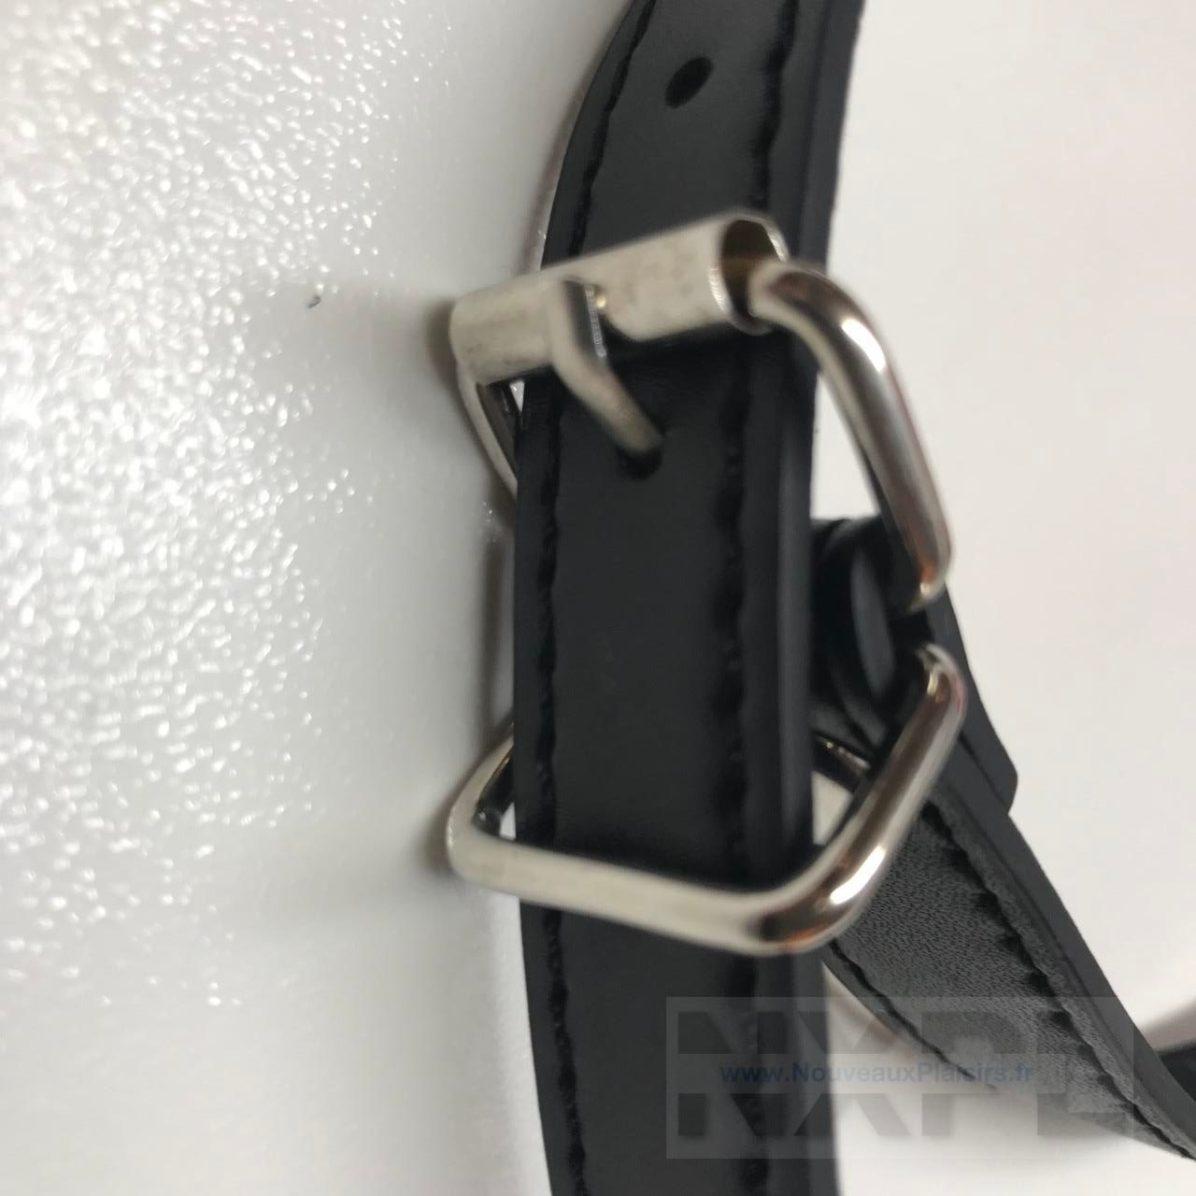 Test du baillon lèvres rouges de Concept Leather pour Dildok.com - NXPL